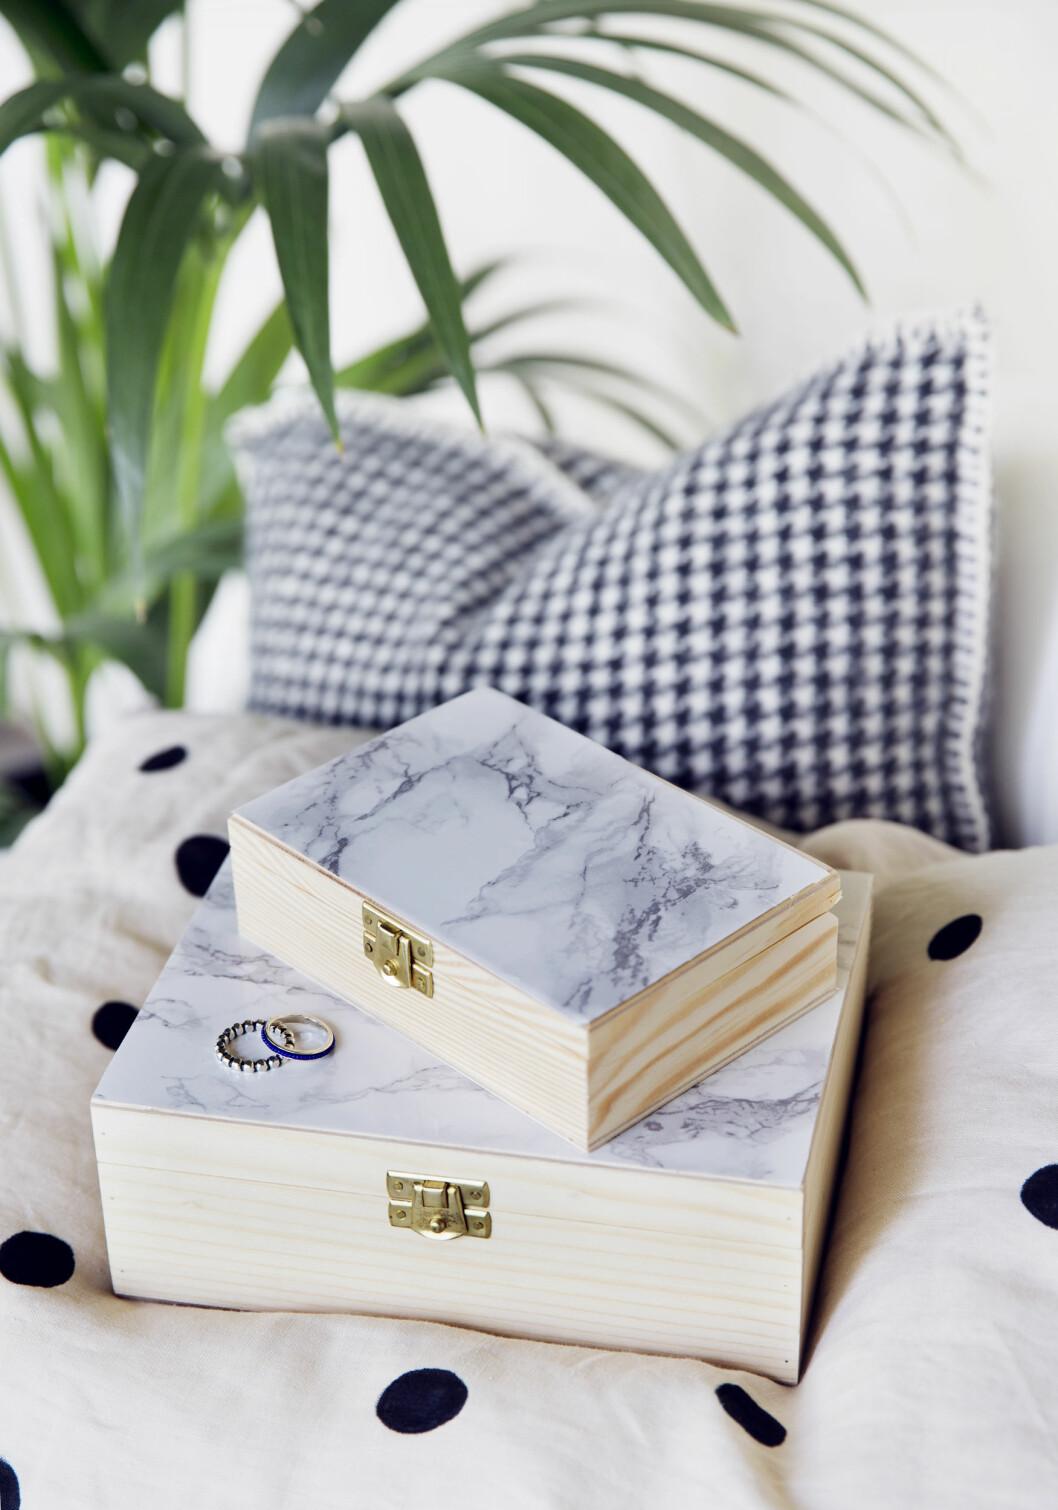 HANDLELISTE: Skrin (kr 49 og 59), rull med marmorfolie (kr 79), alt fra pandurohobby.no. Puten, en del av et sengesett fra hm.no (kr 499), har fått prikker påmalt med tekstilmaling. Foto: Yvonne Wilhelmsen